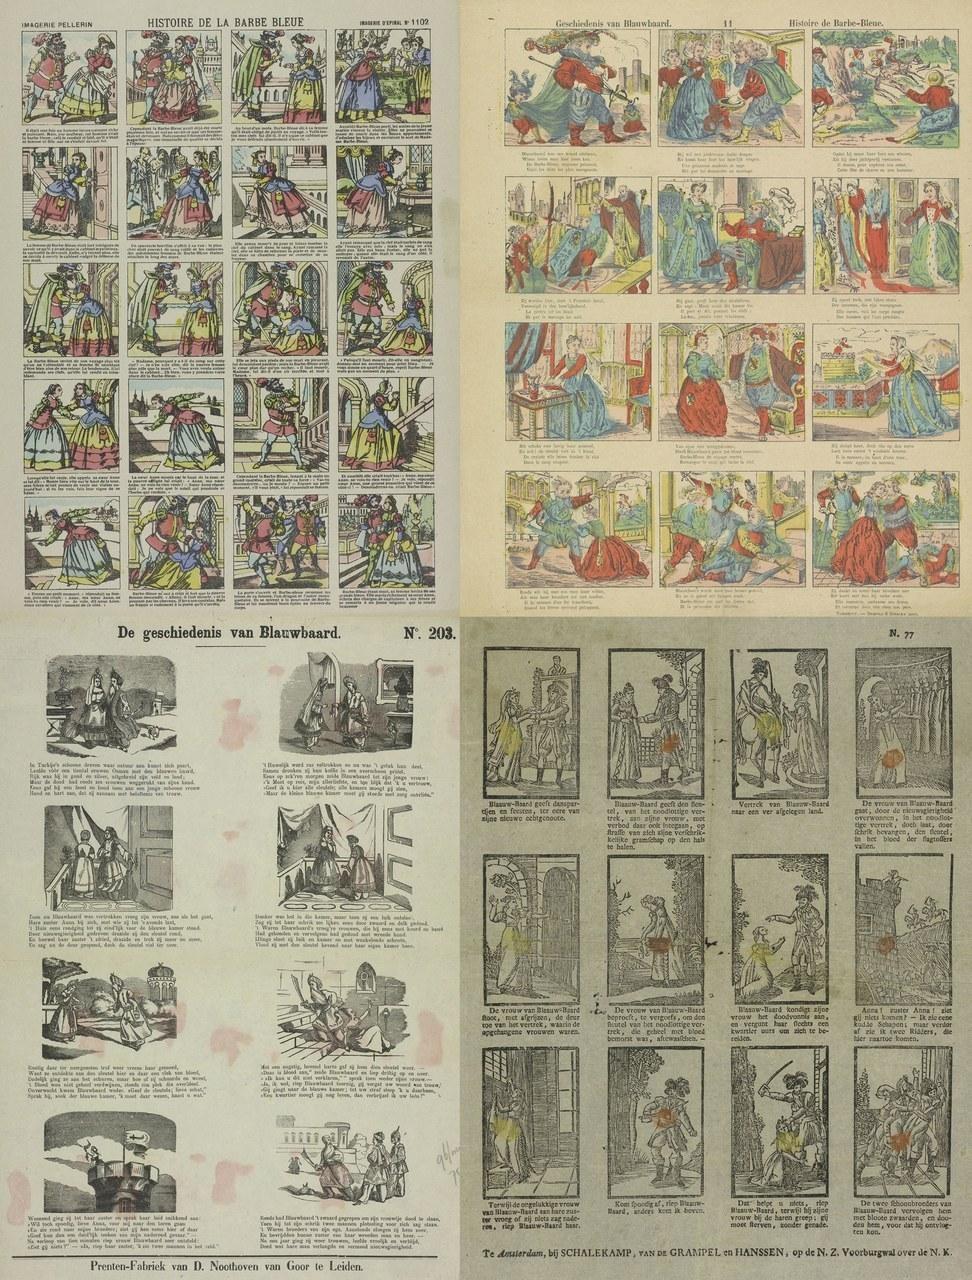 Nell'Ottocento e all'inizio del Novecento un importante veicolo di diffusione della storia in vari paesi furono i fogli illustrati (Wikimedia Commons)